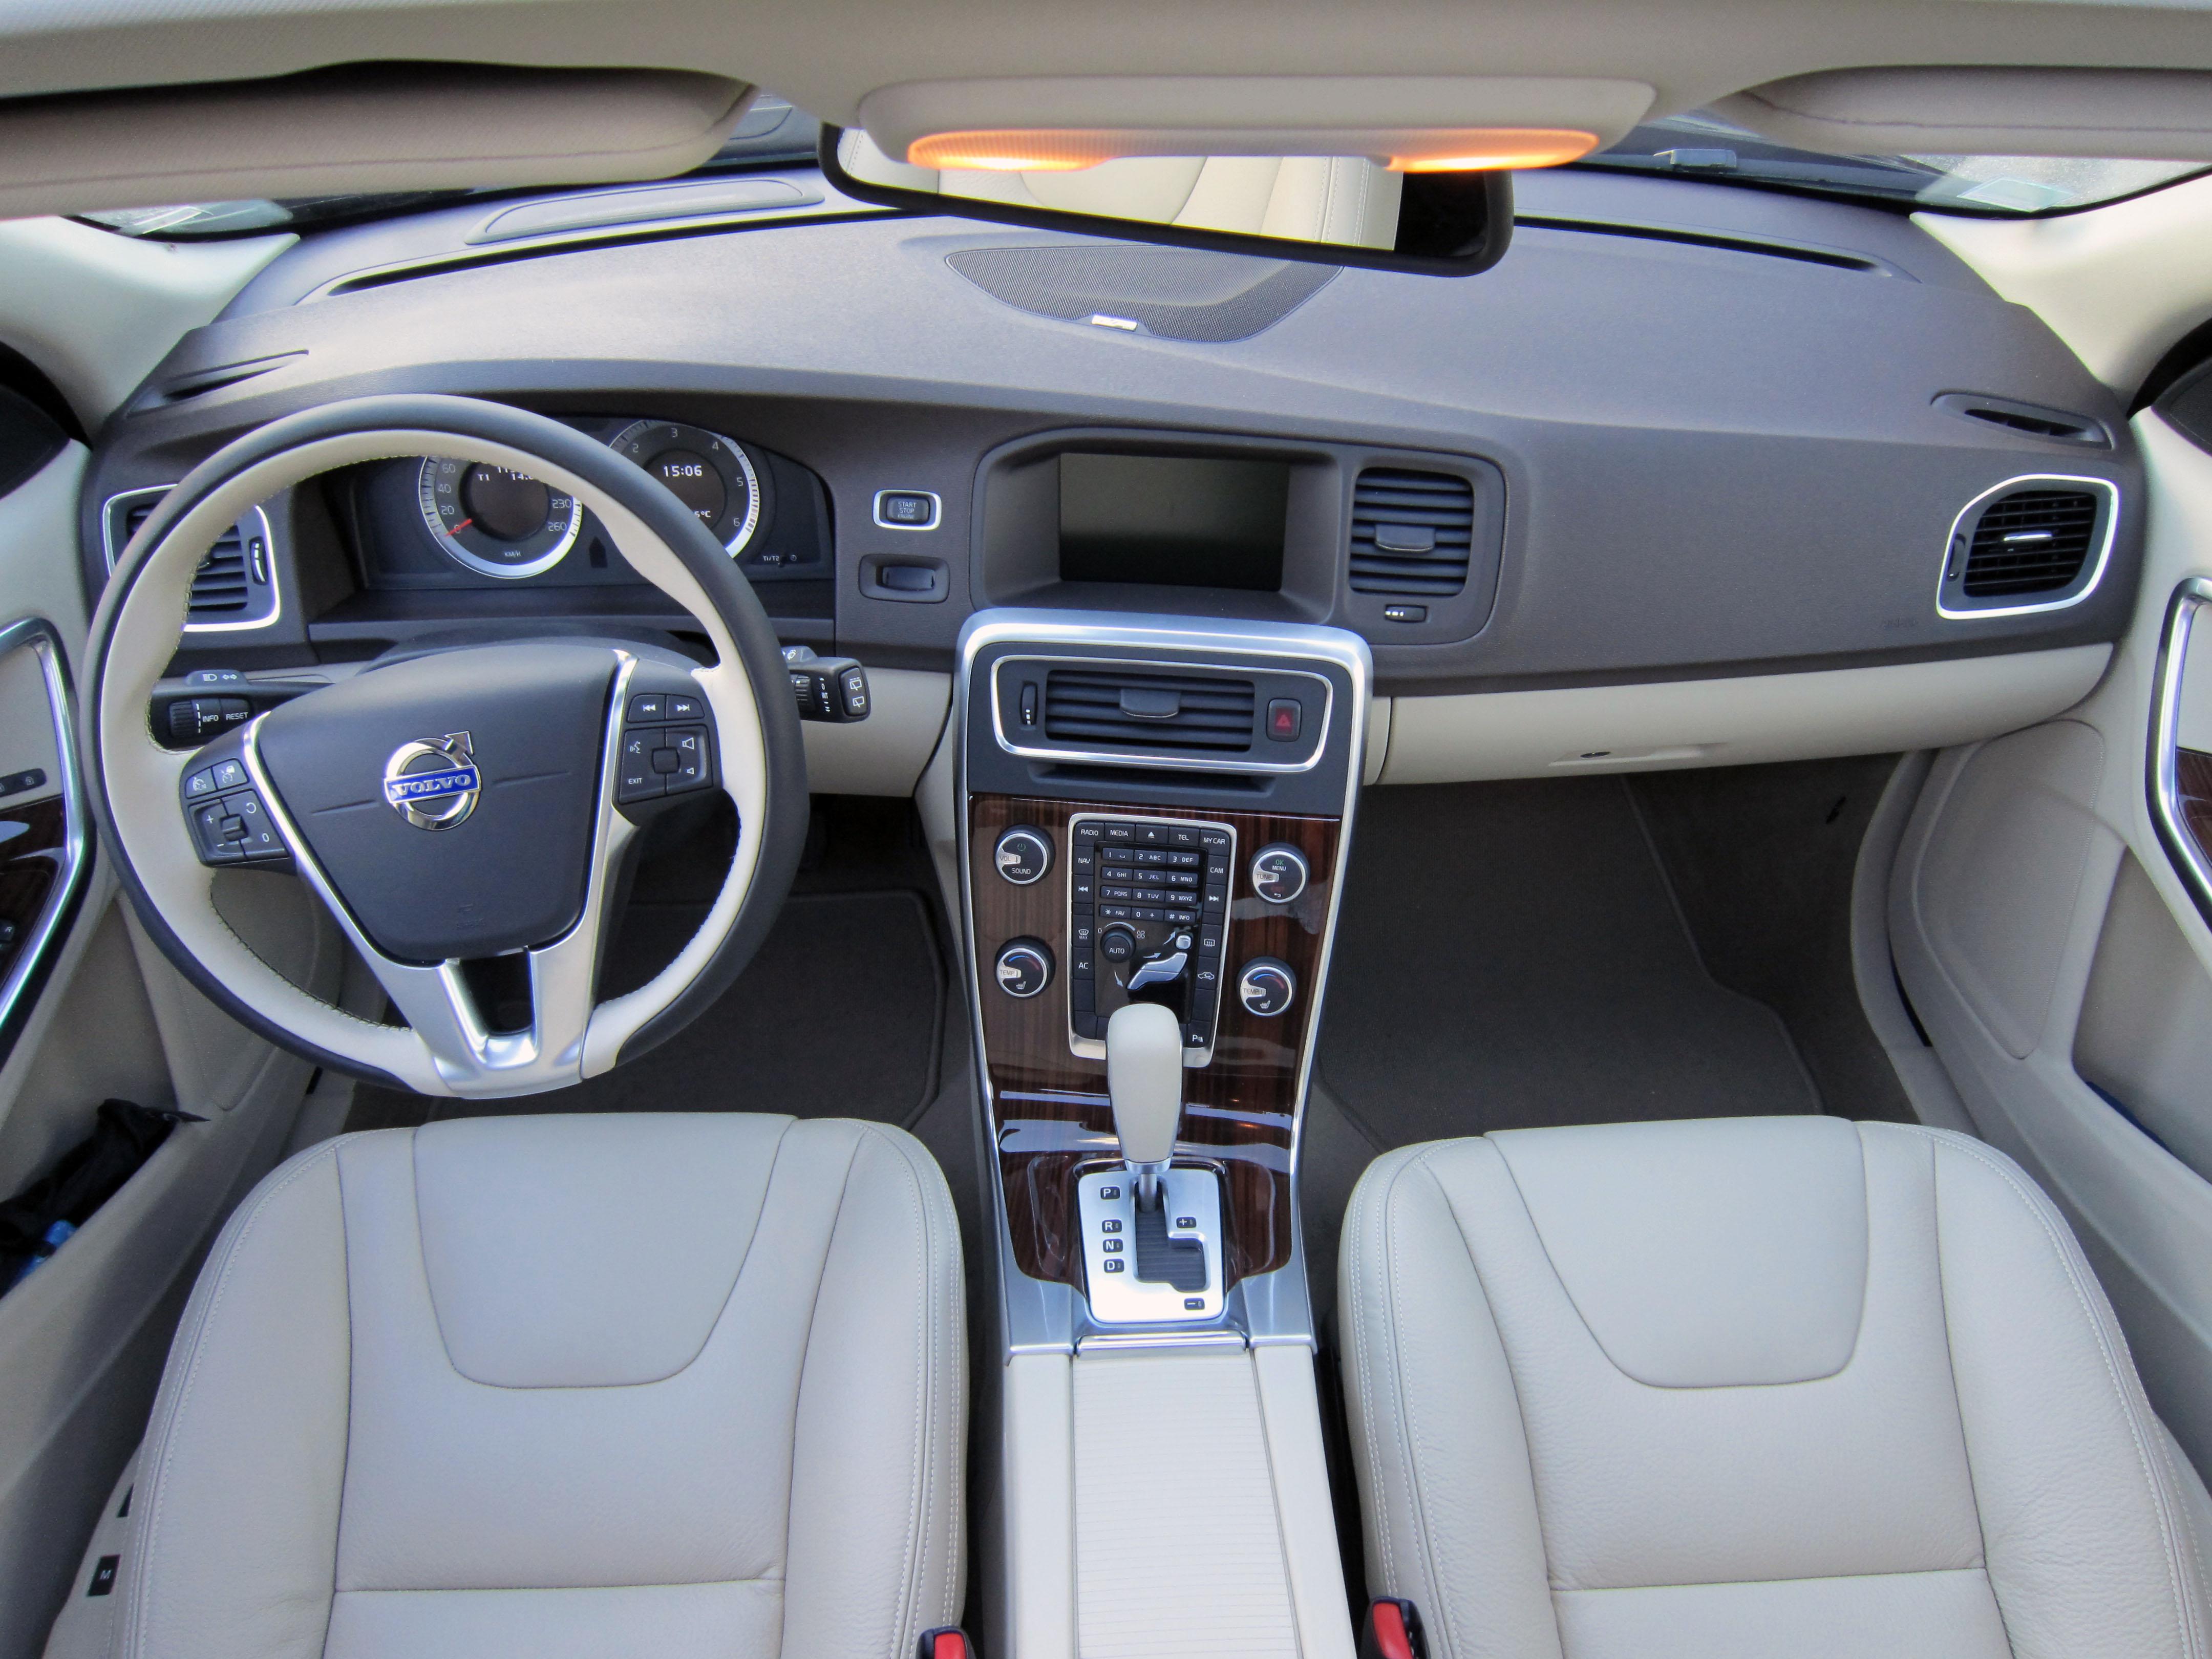 V60 my11 5 d3 xenium une invitation au voyage for Interieur xc60